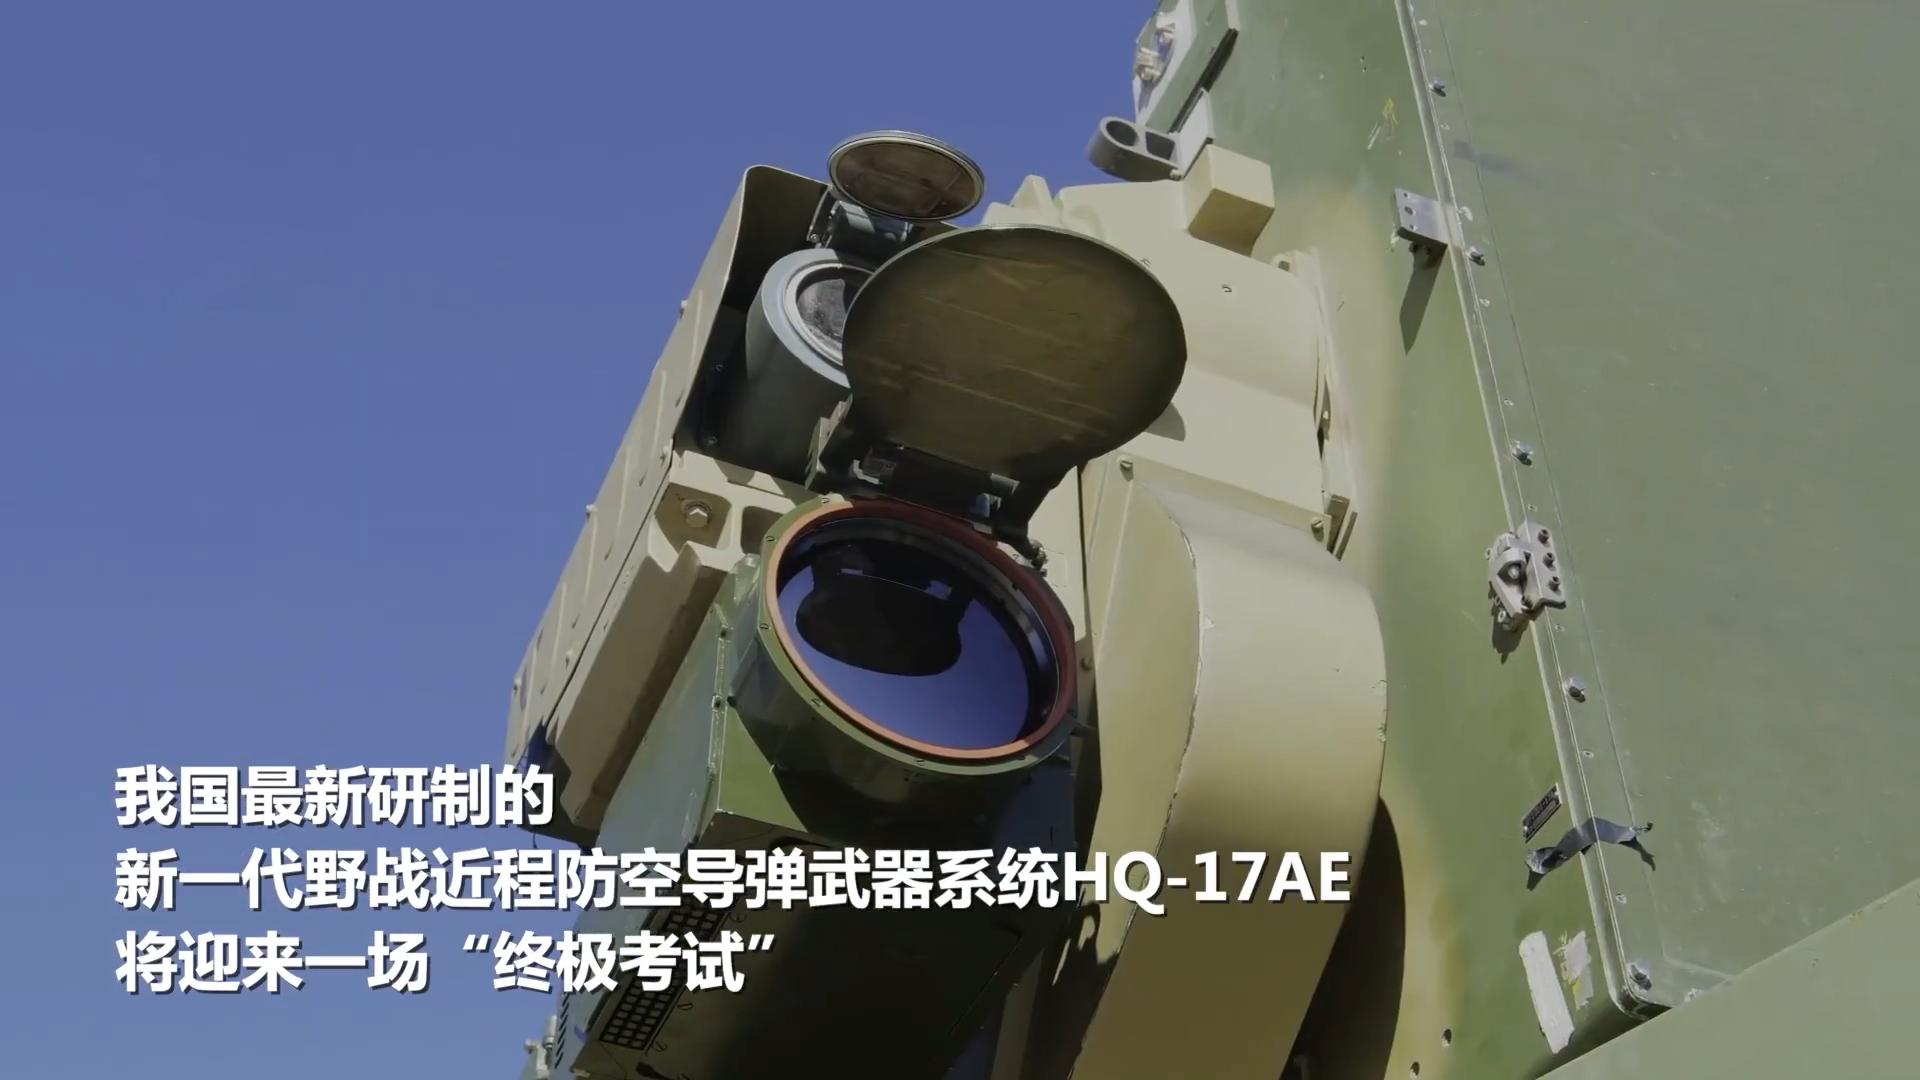 """军事记者带你现场围观,看""""红旗""""导弹车在行进中击中靶标!"""